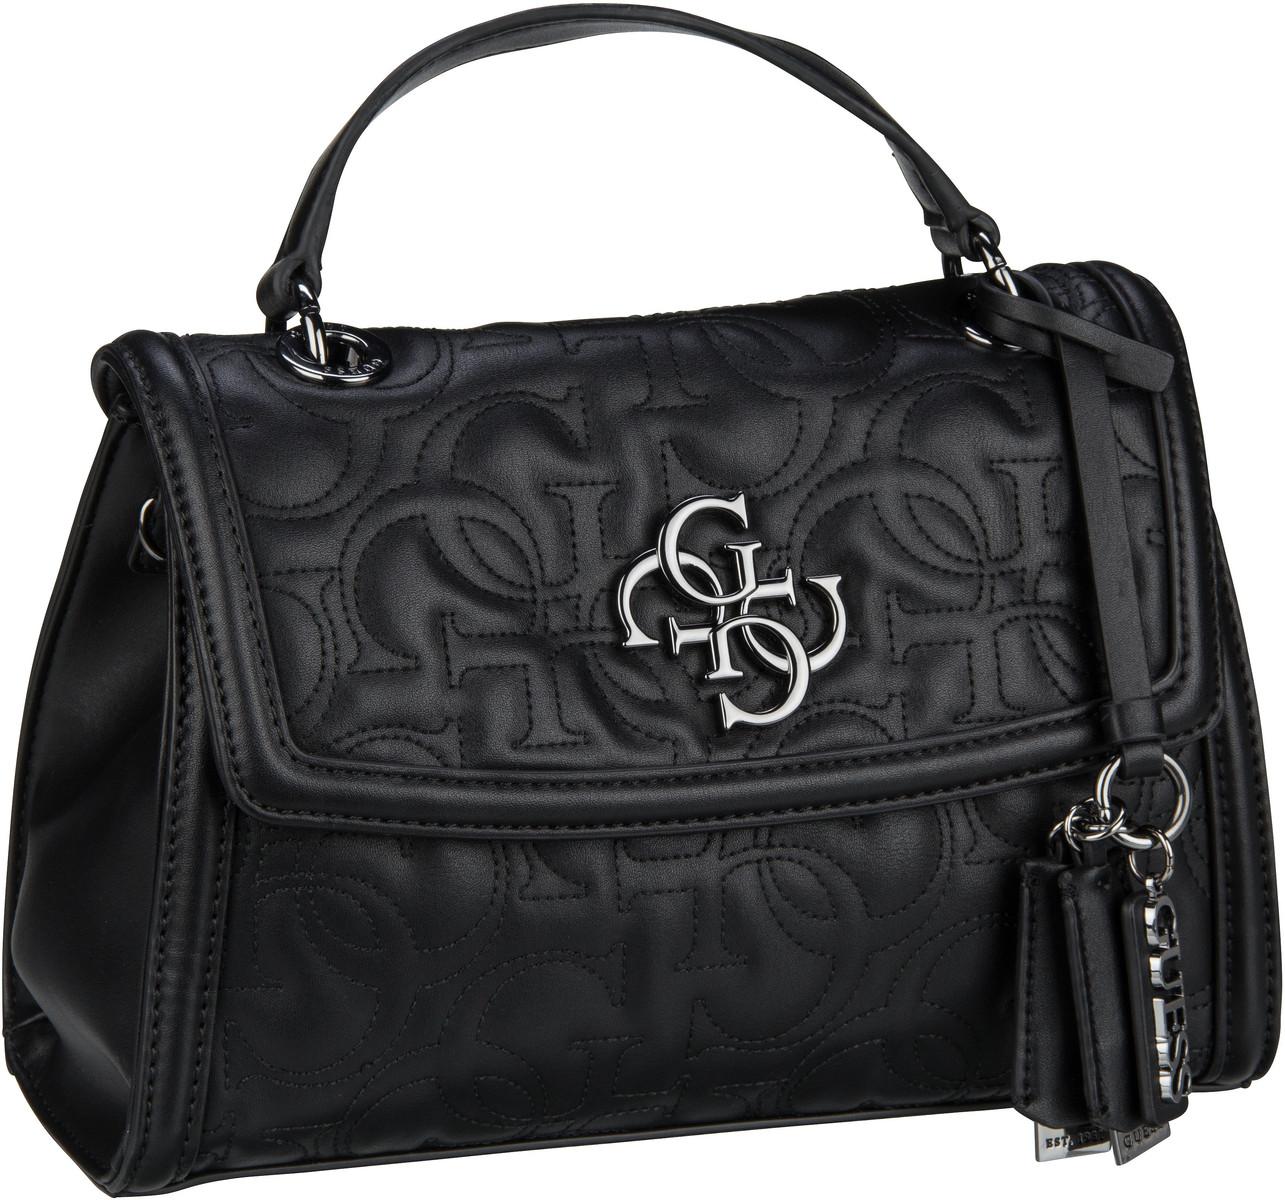 Handtasche New Wave Top Handle Flap Black